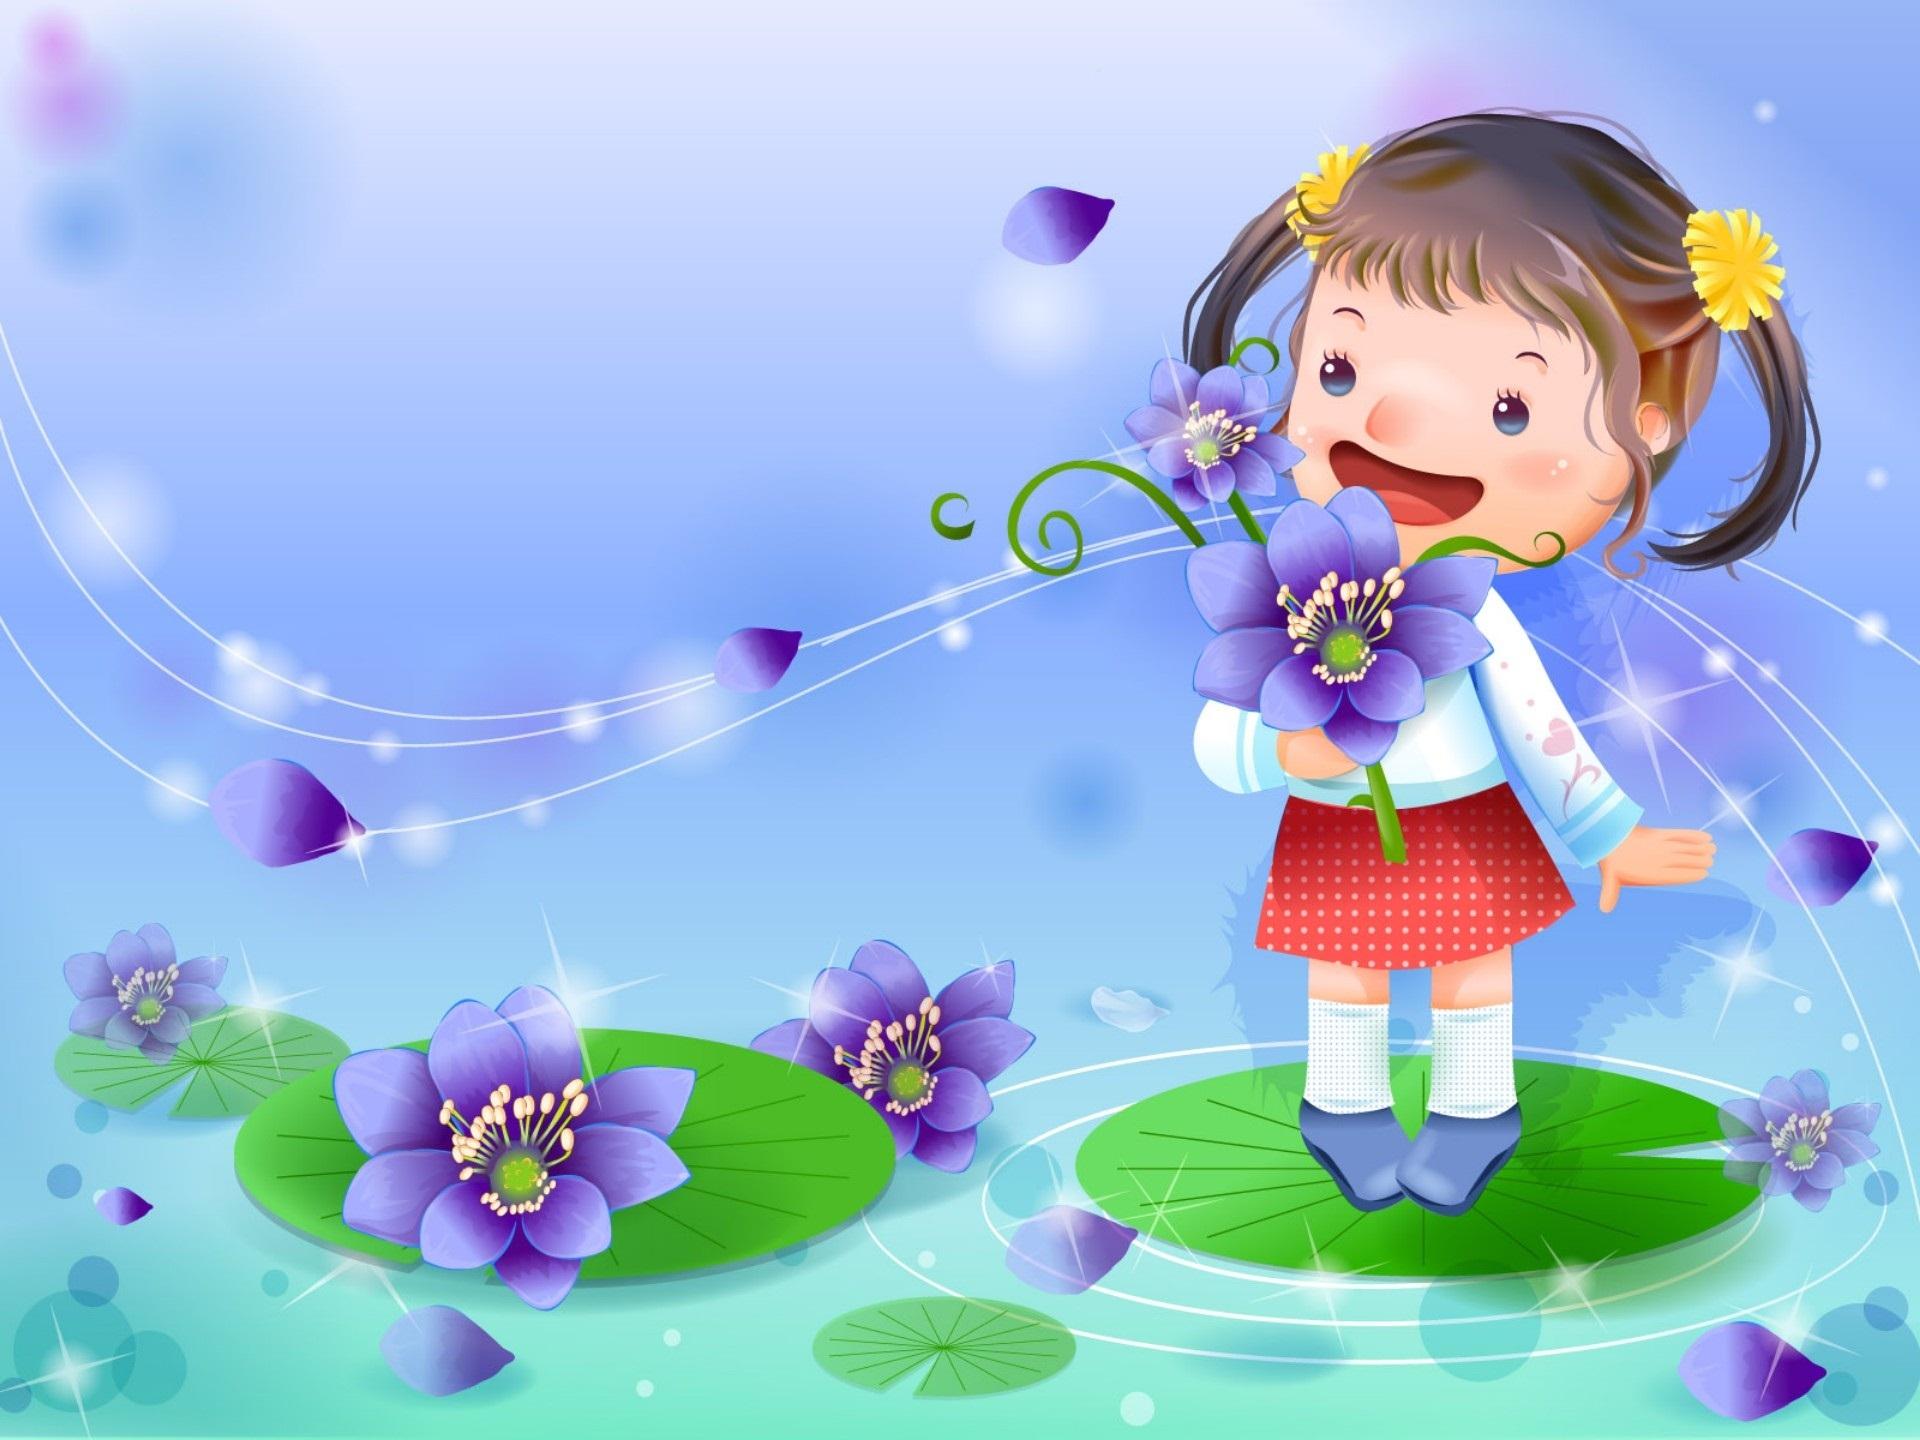 Музыкальная открытка девочкам с днем, поздравления картинка открытки